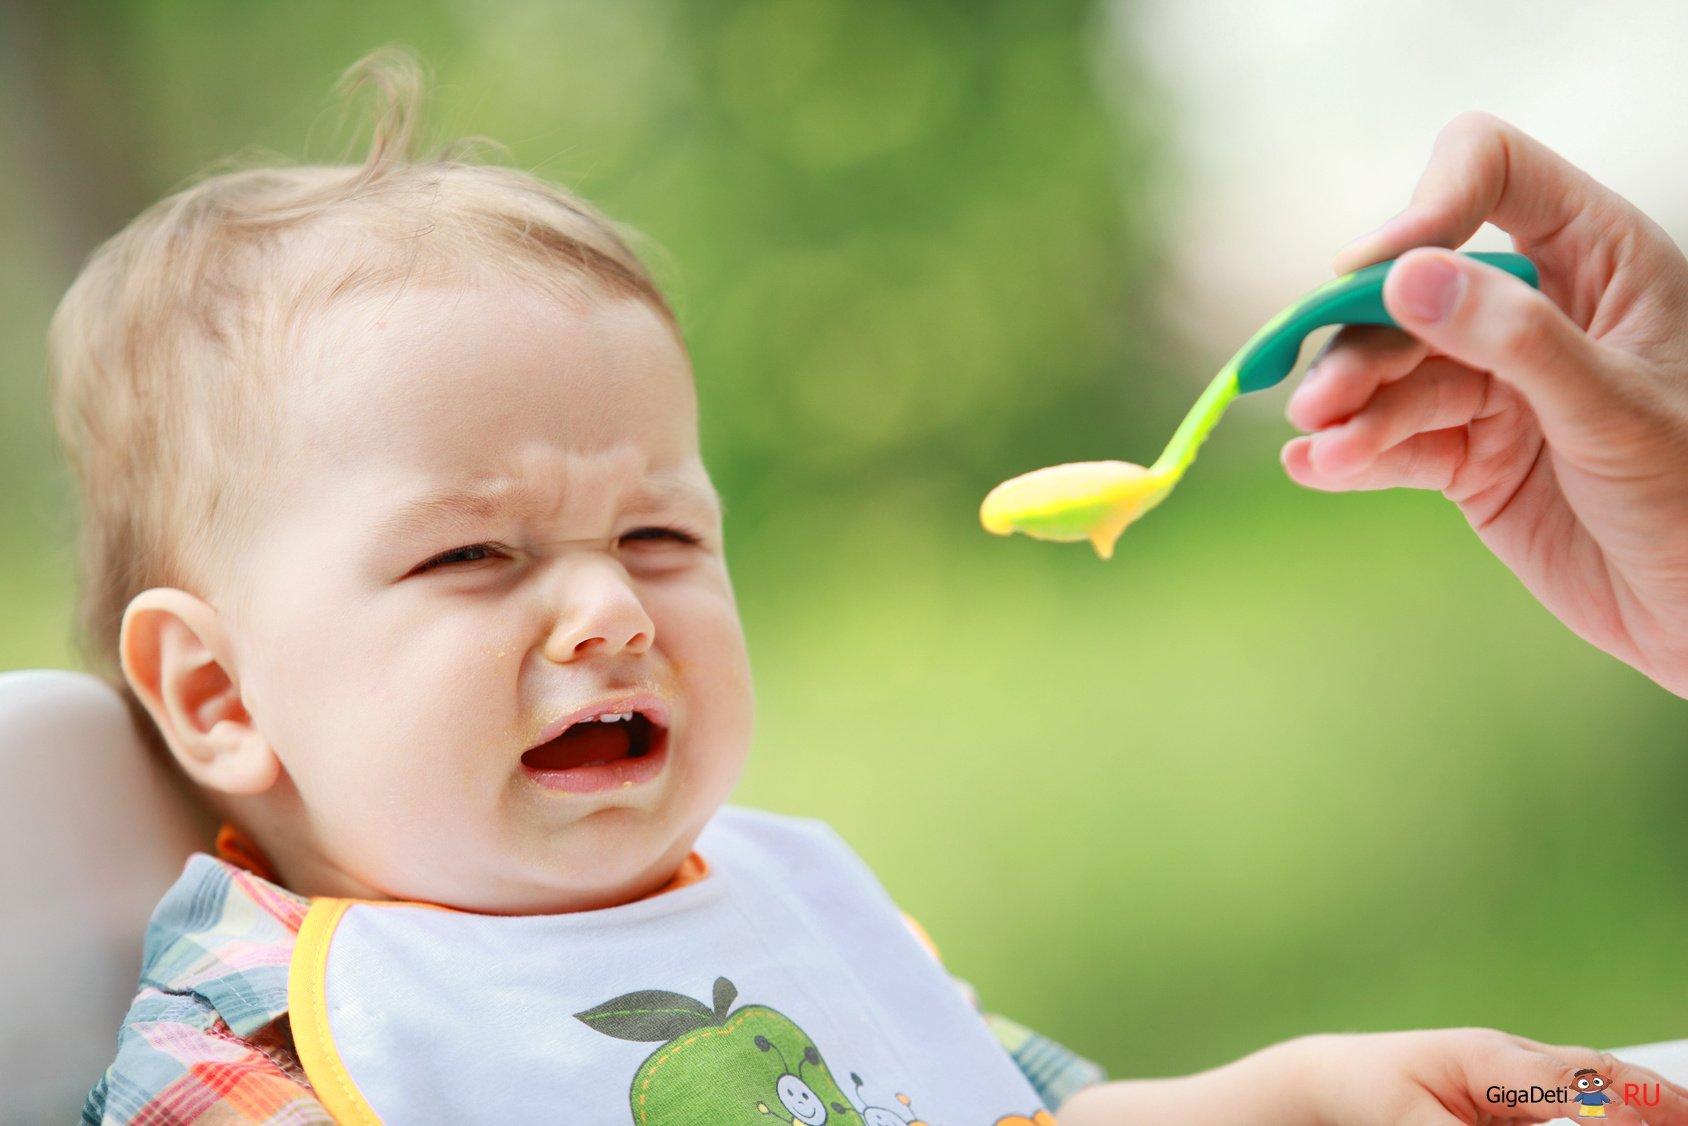 Trẻ biếng ăn - mối lo ngại của nhiều bà mẹ